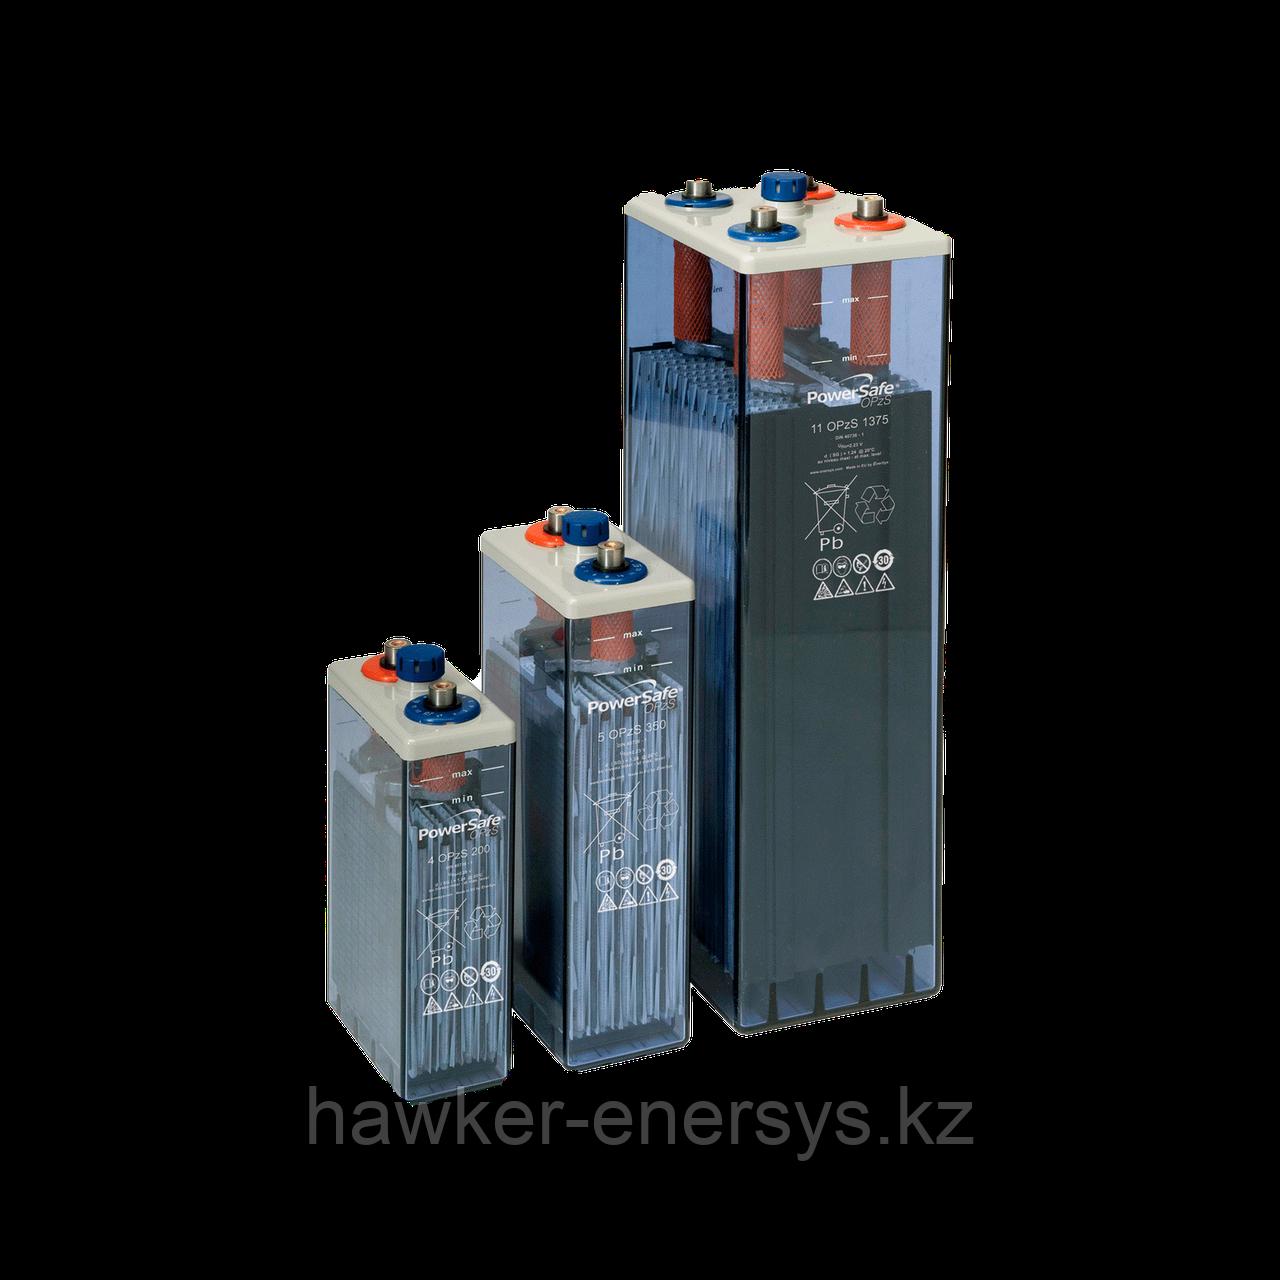 Аккумуляторная батарея PowerSafe 15 OPzS 1875